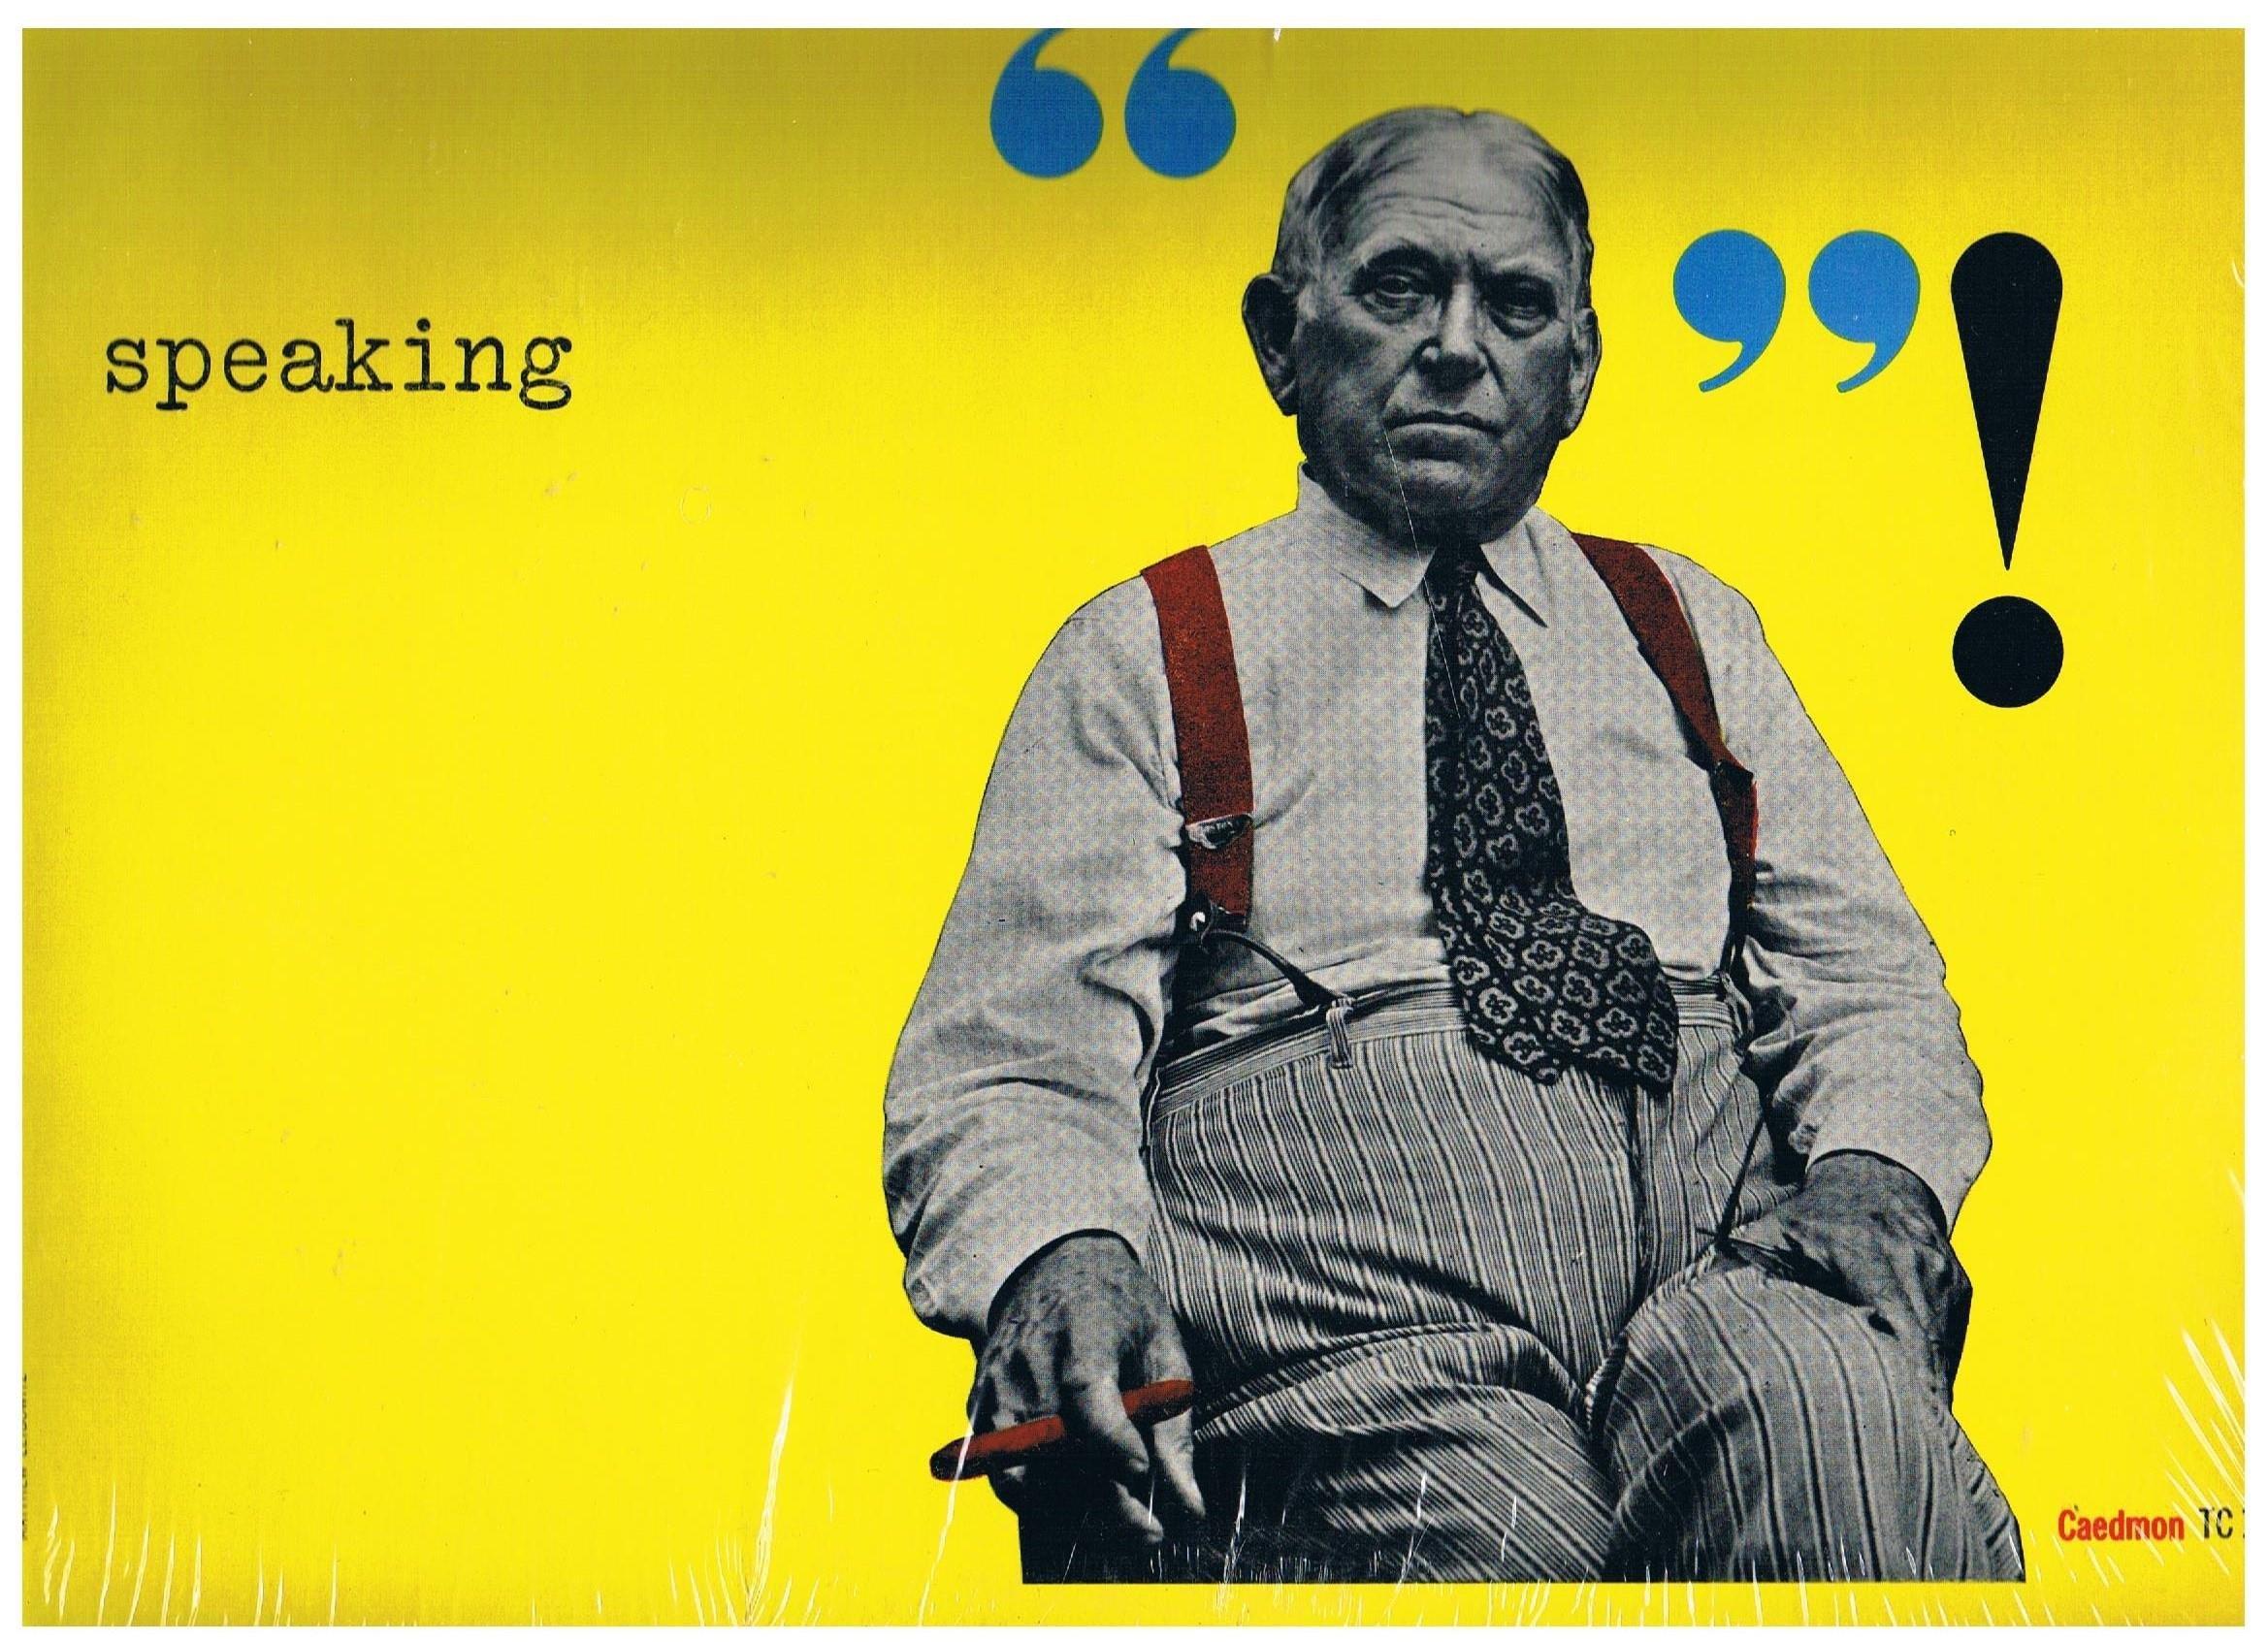 H.L. Mencken - H.L. Mencken Speaking